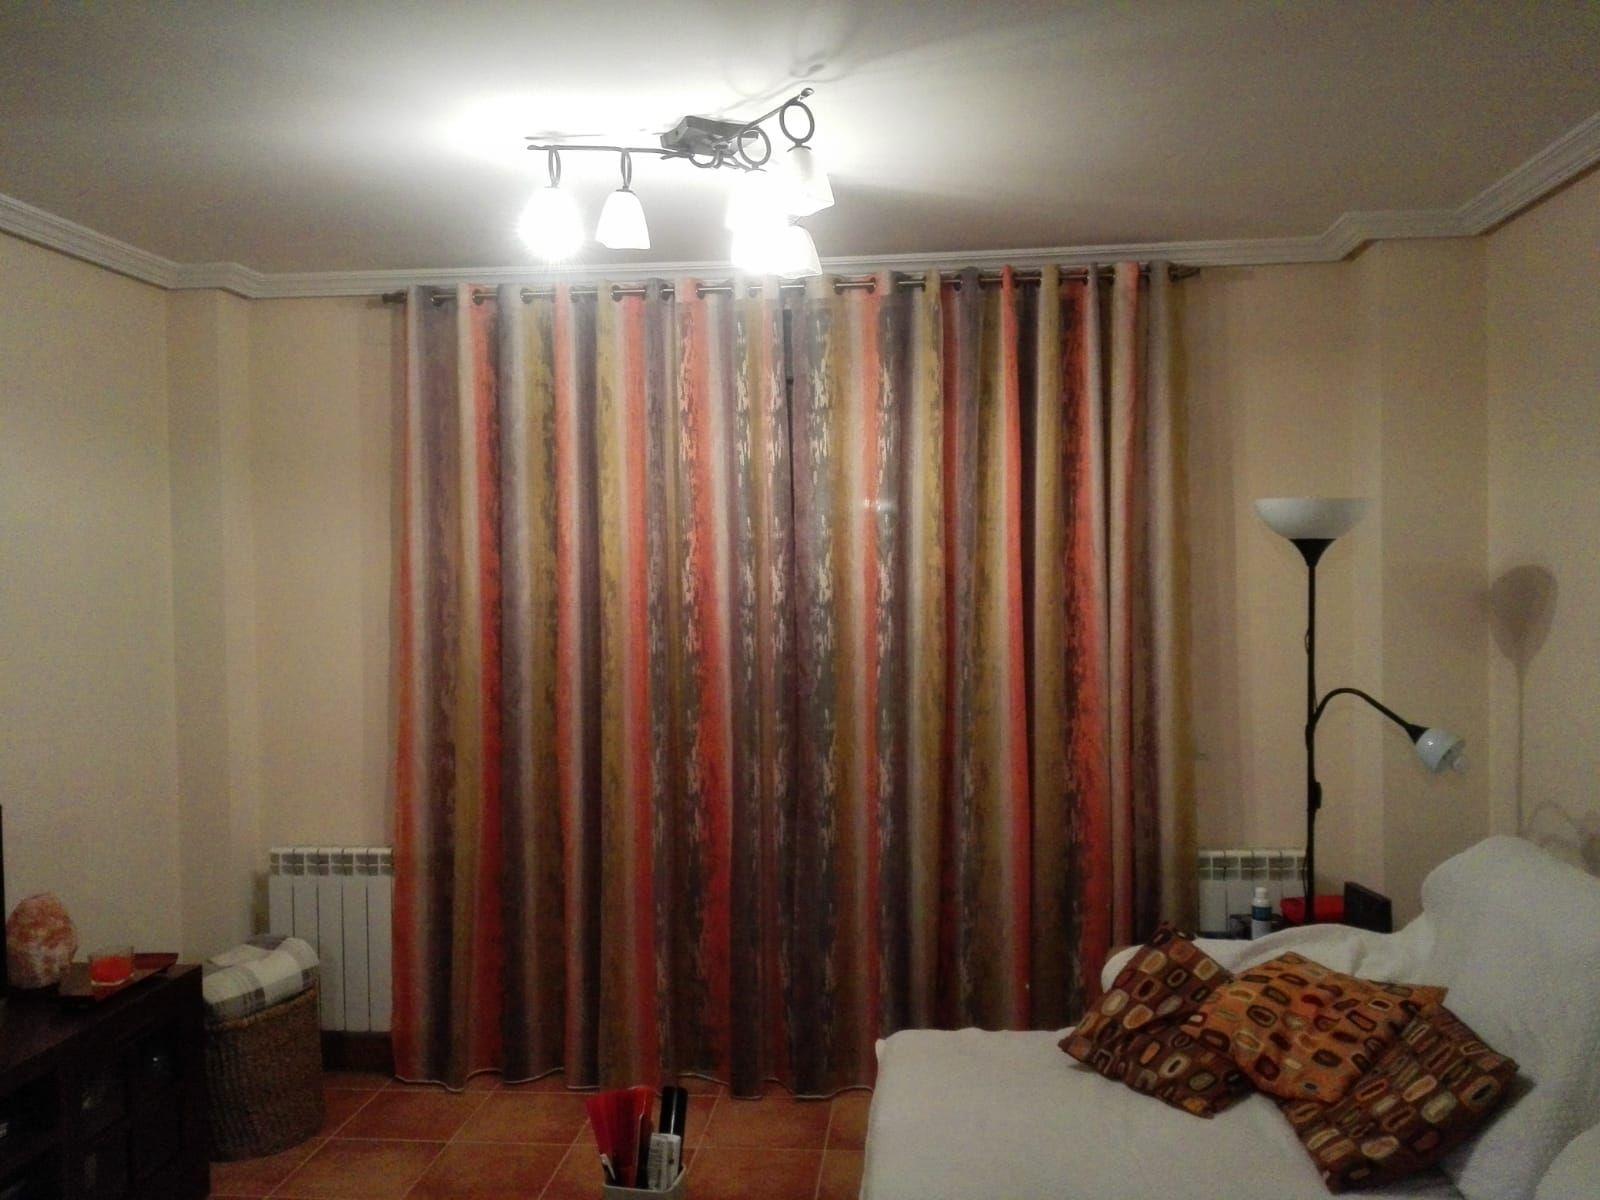 Tienda especializada en la fabricación de cortinas y estores